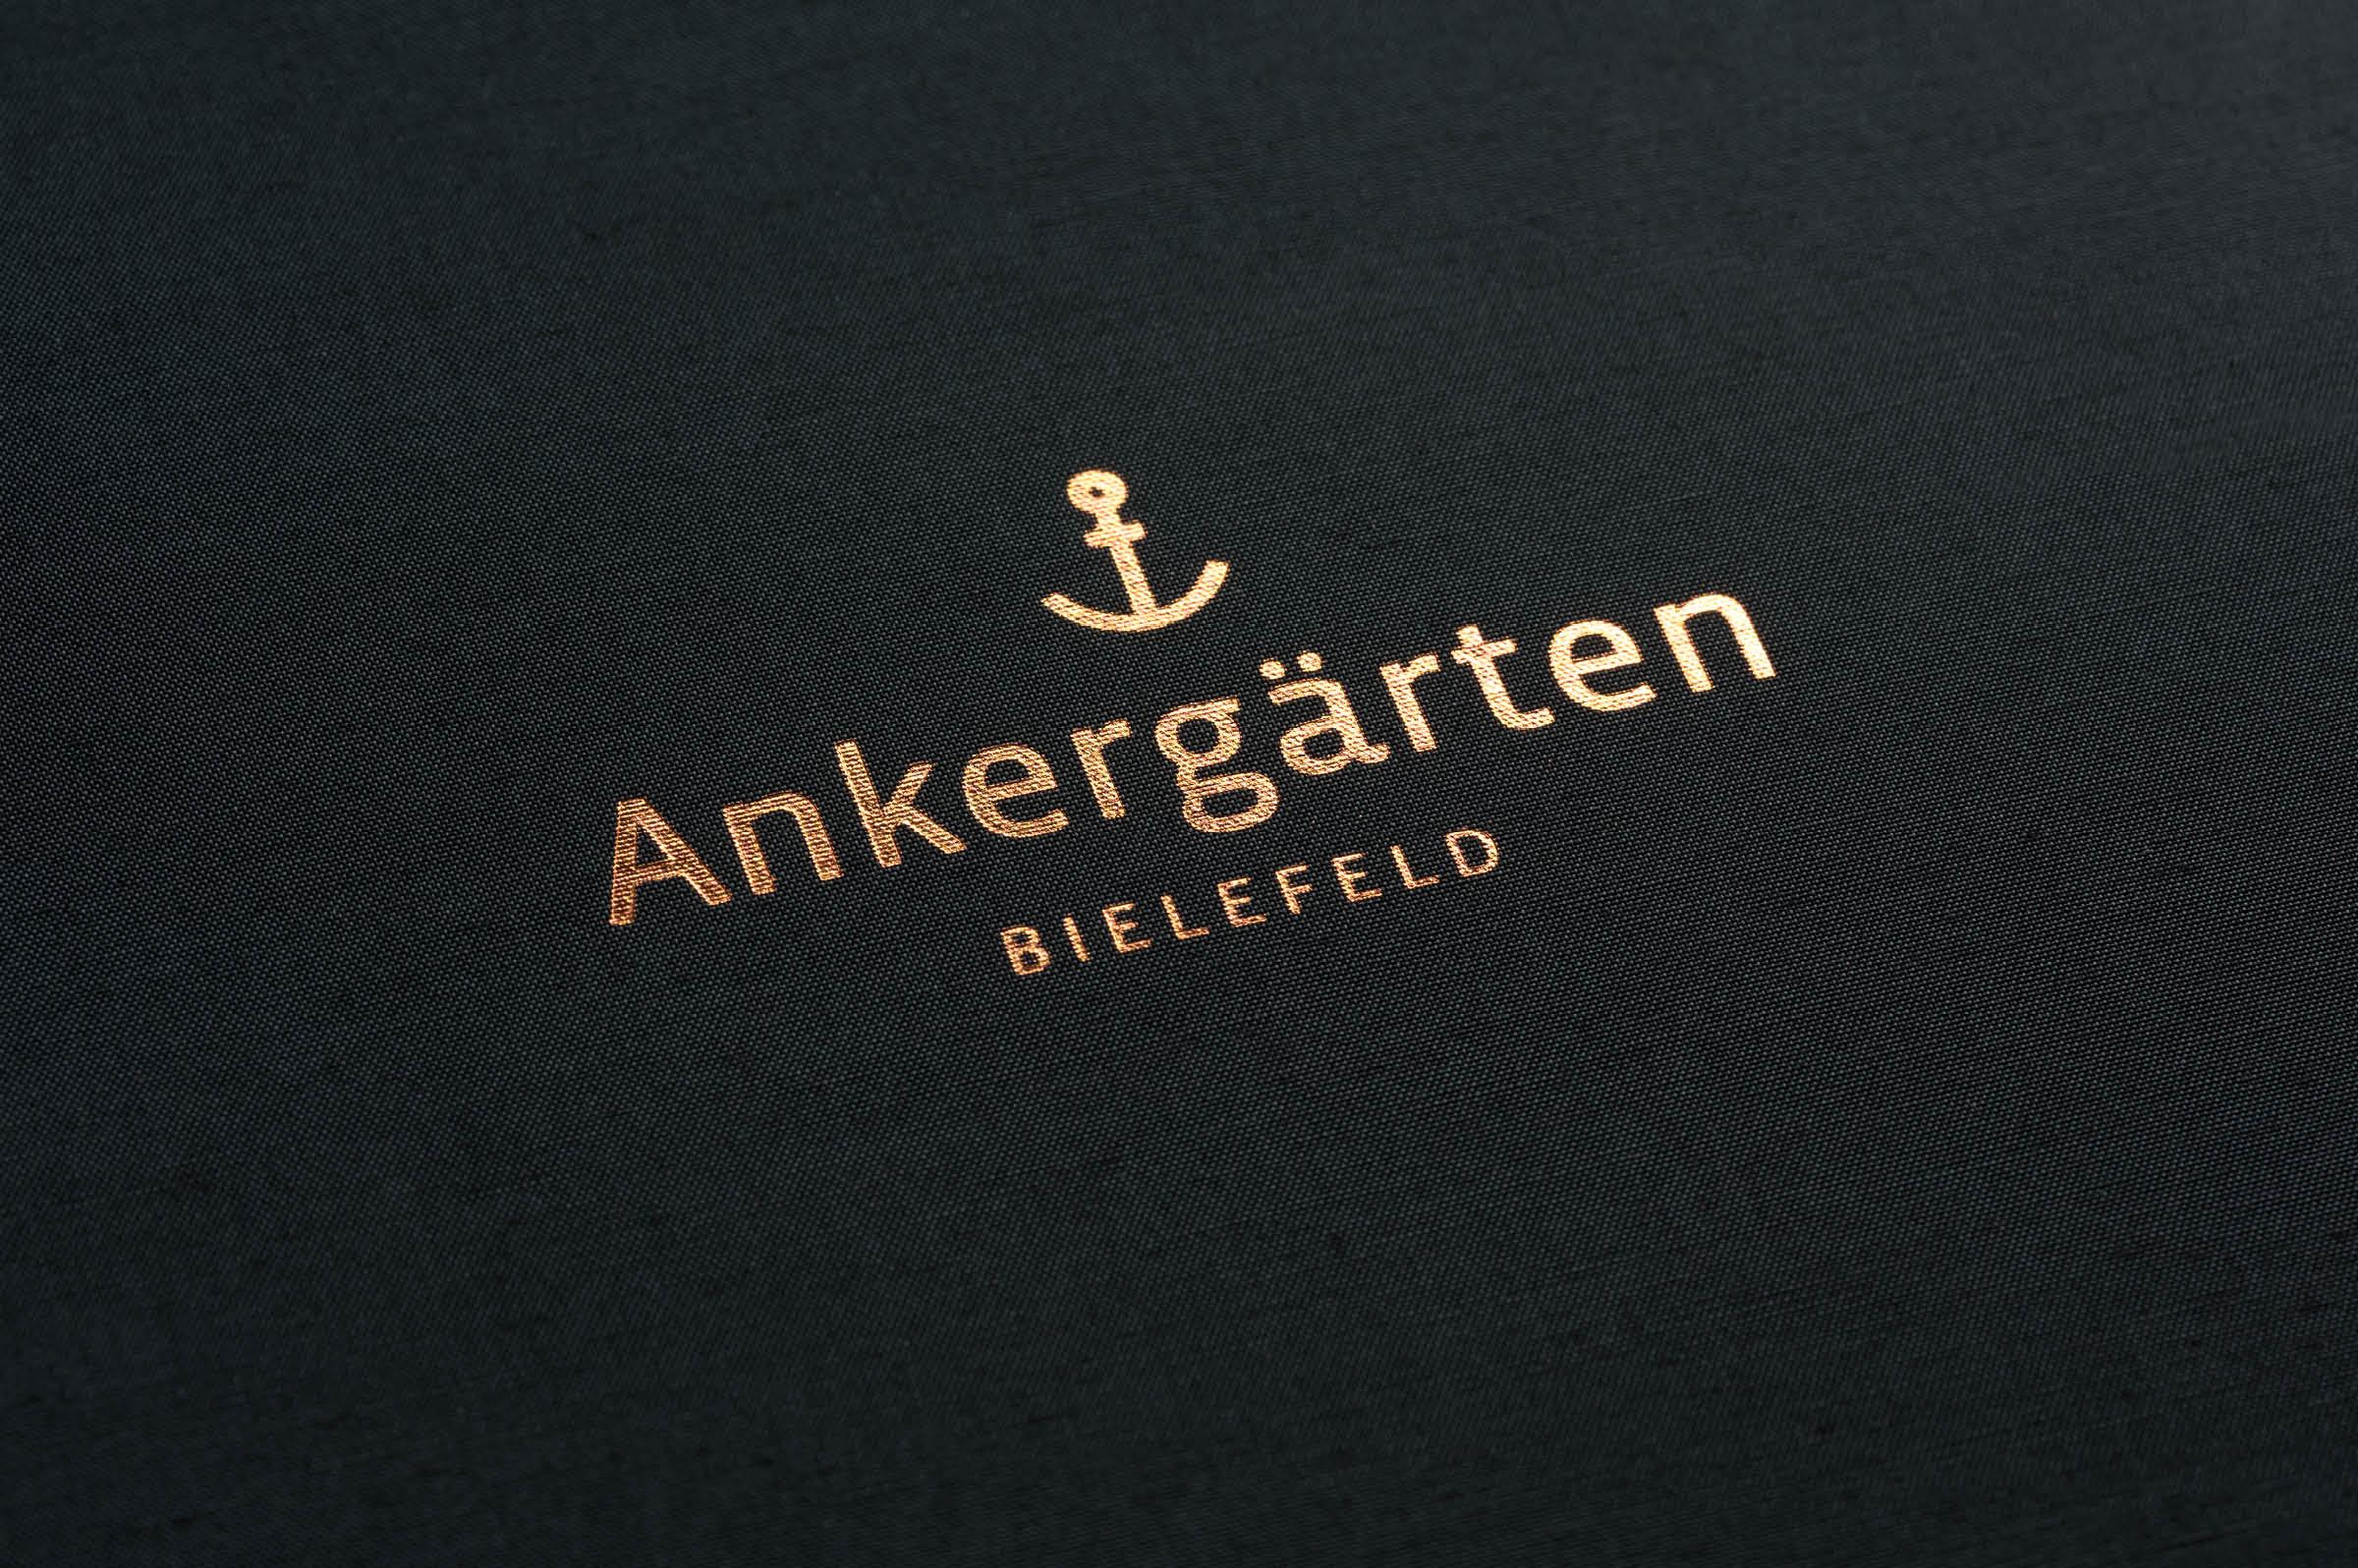 Ankerg rten bielefeld deteringdesign gmbh - Ankergarten bielefeld ...